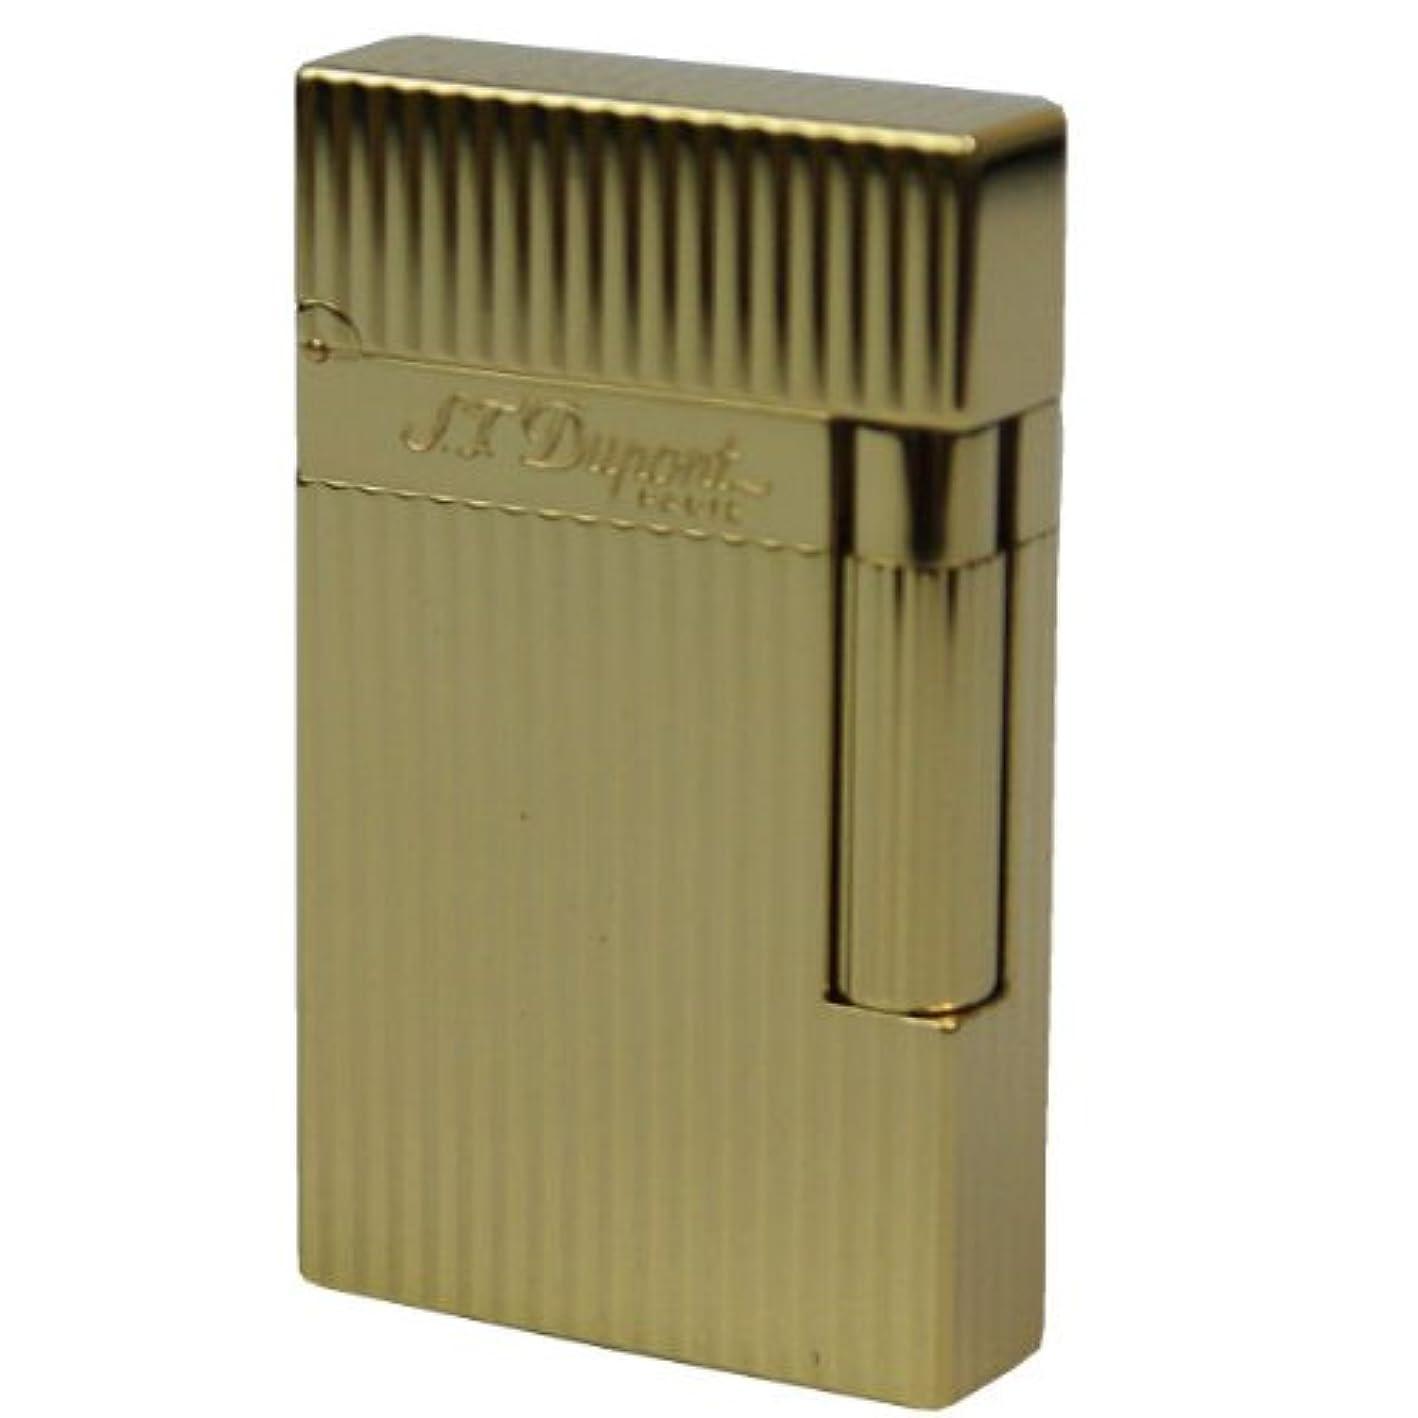 遠征適切な騒々しいデュポン S.T.Dupont ガスライター ライン2 イエローゴールド フィニッシュ DP-16827